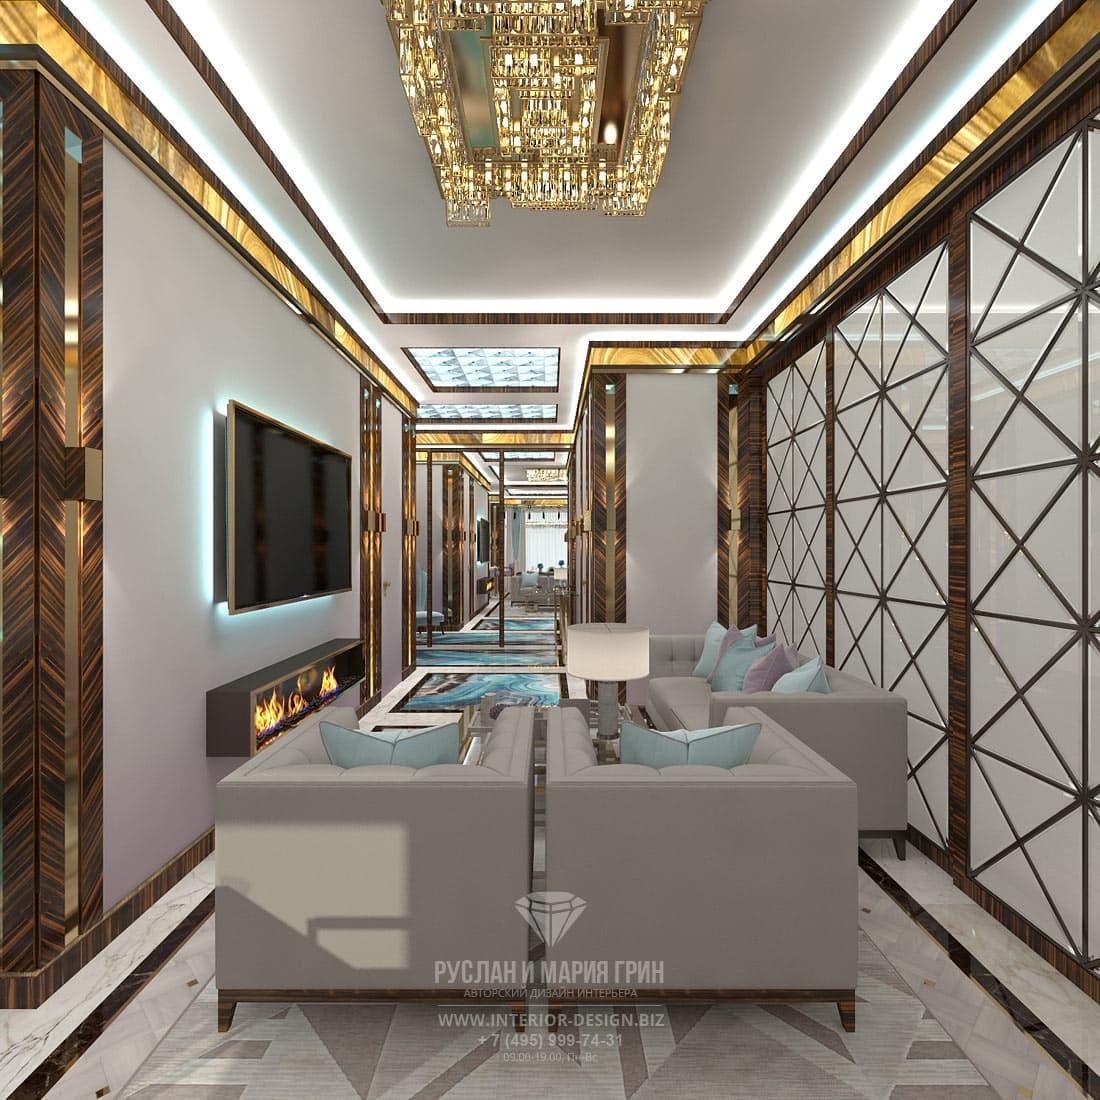 Дизайн элитного коттеджа – гостиная с многоуровневым потолком